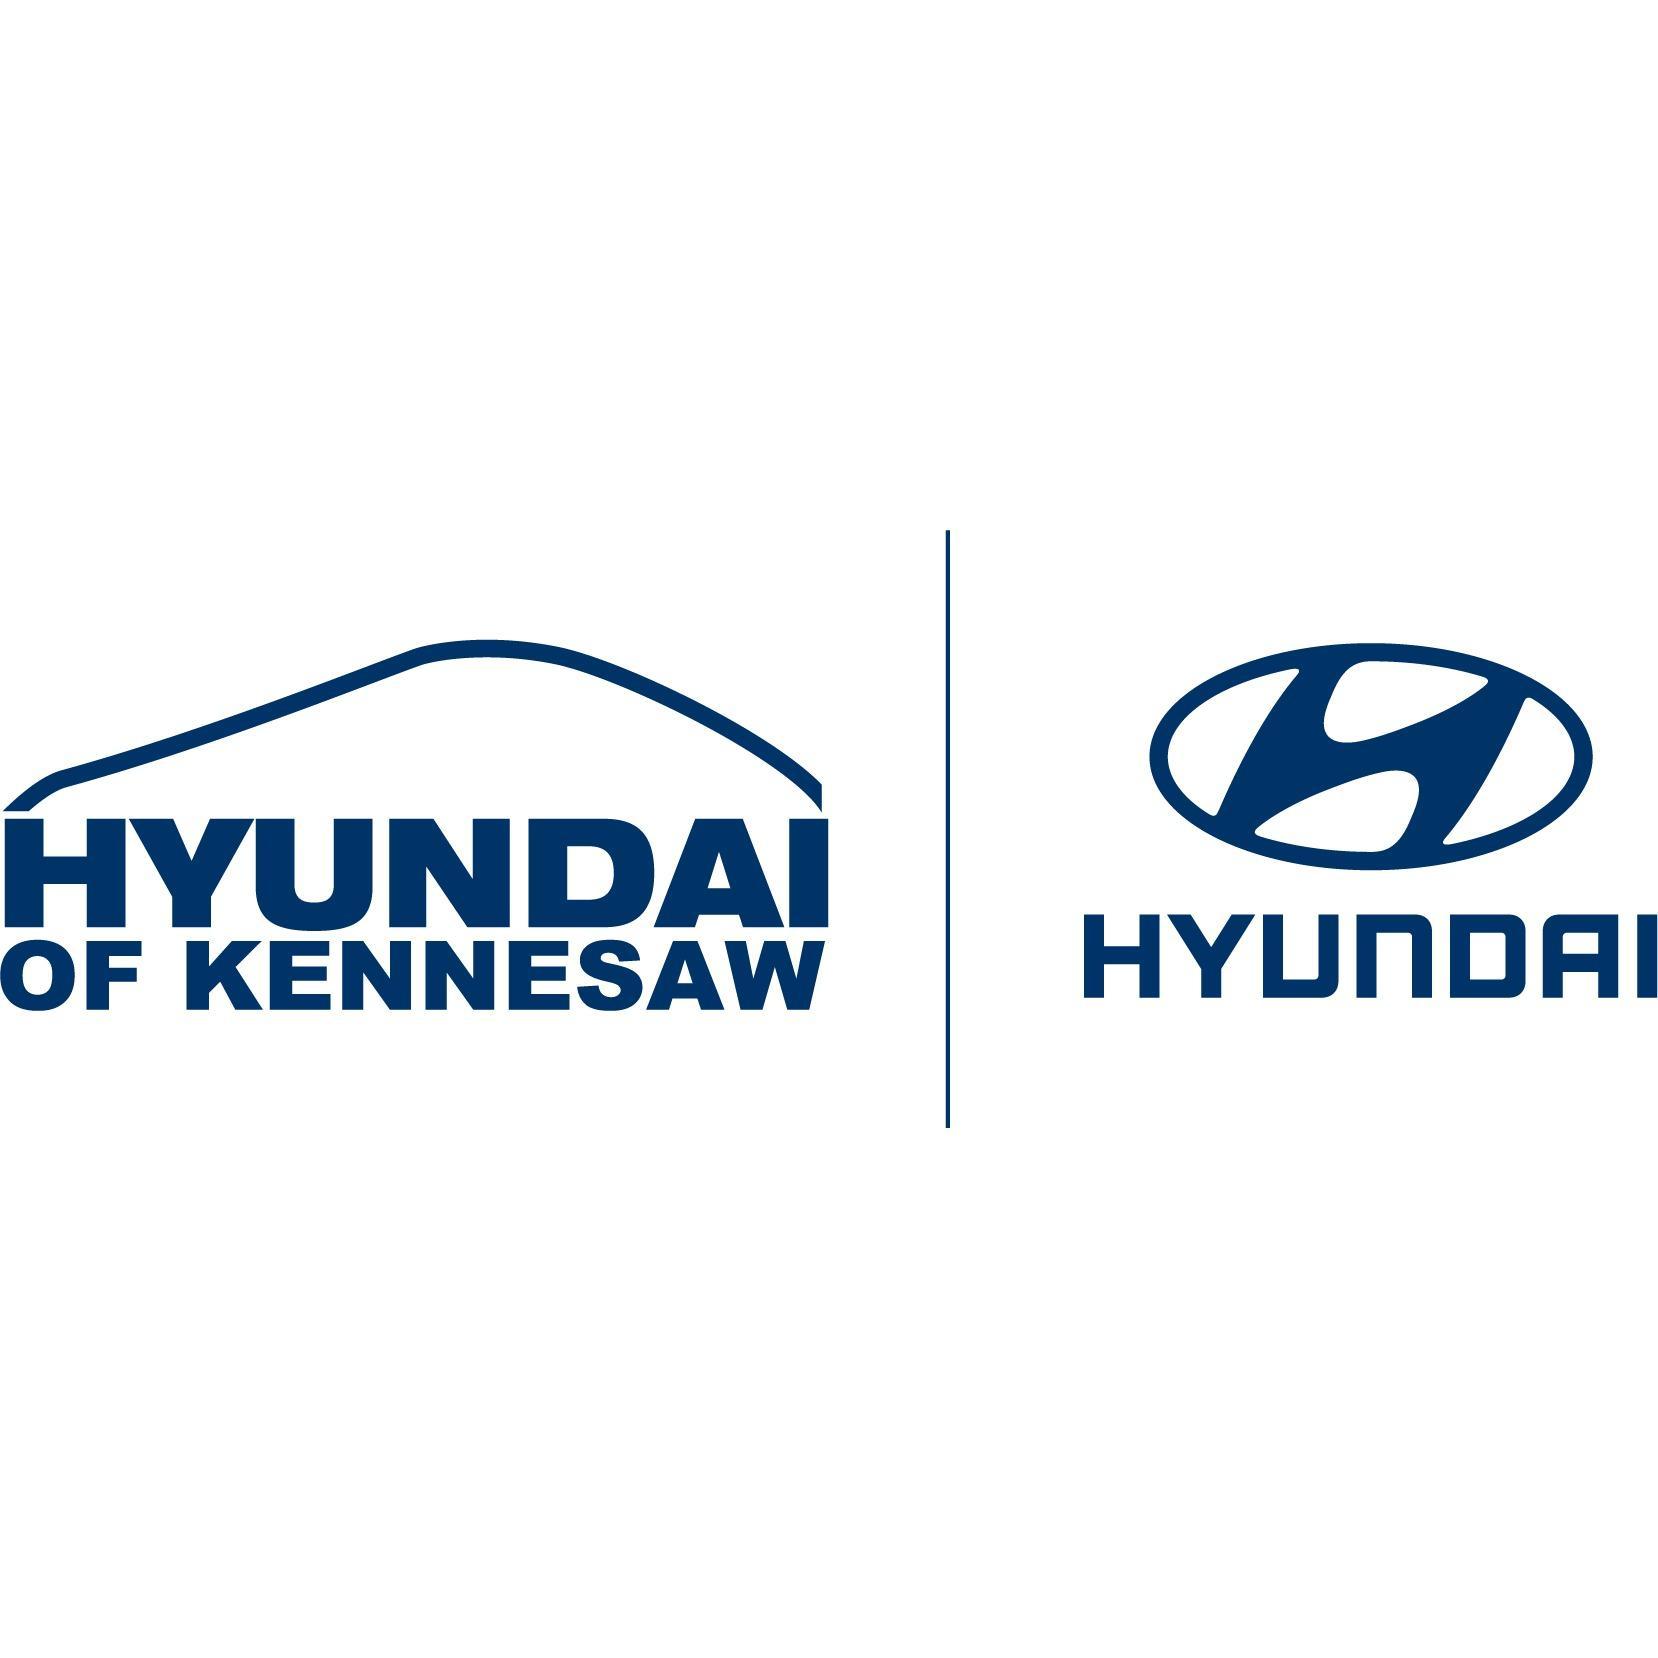 Hyundai of Kennesaw